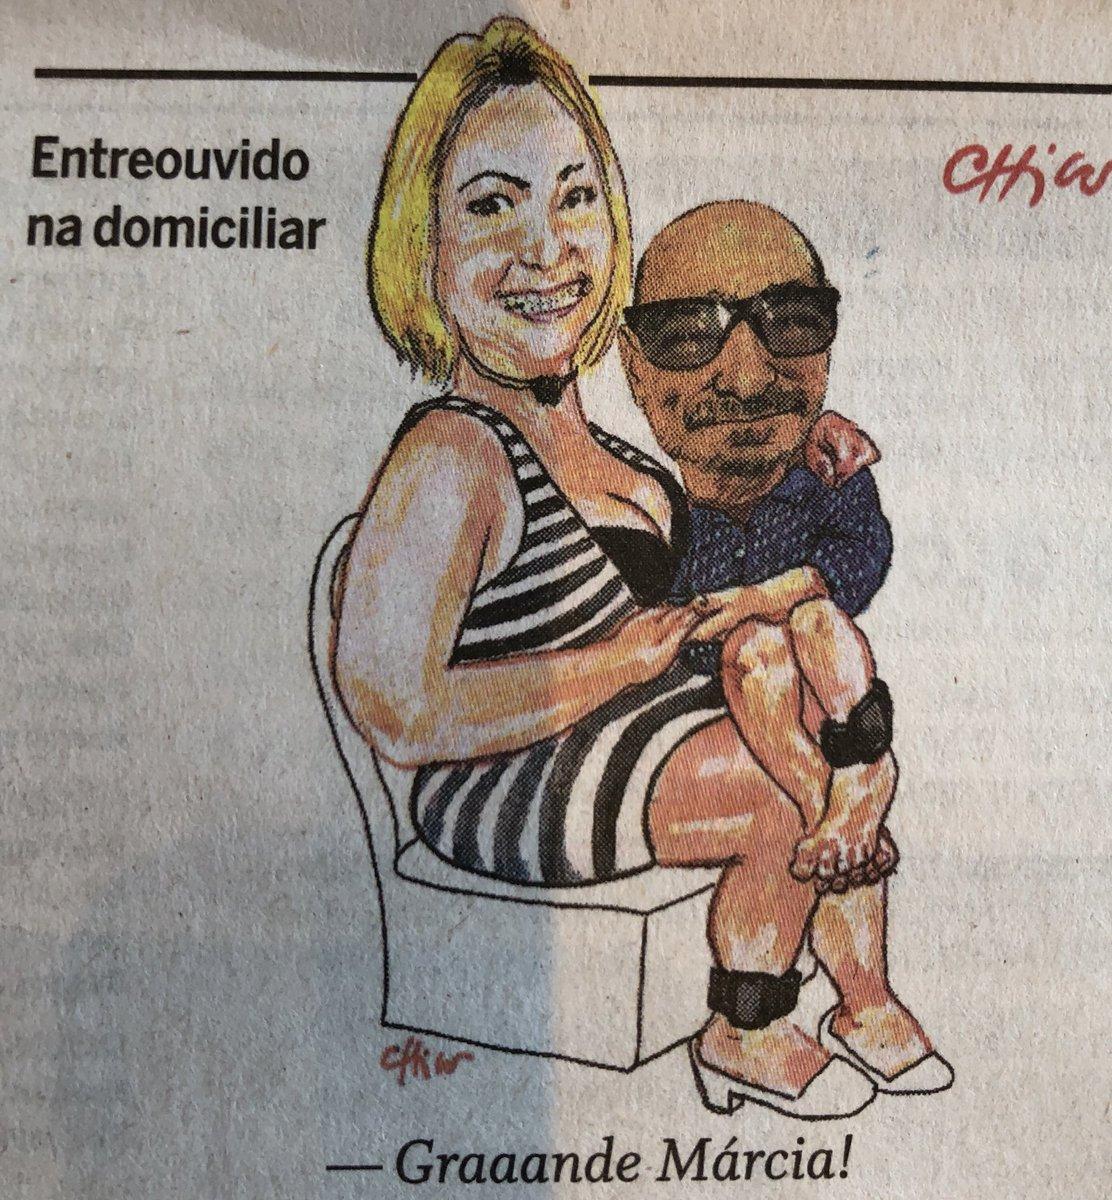 Domingão juntinho. via @JornalOGlobo